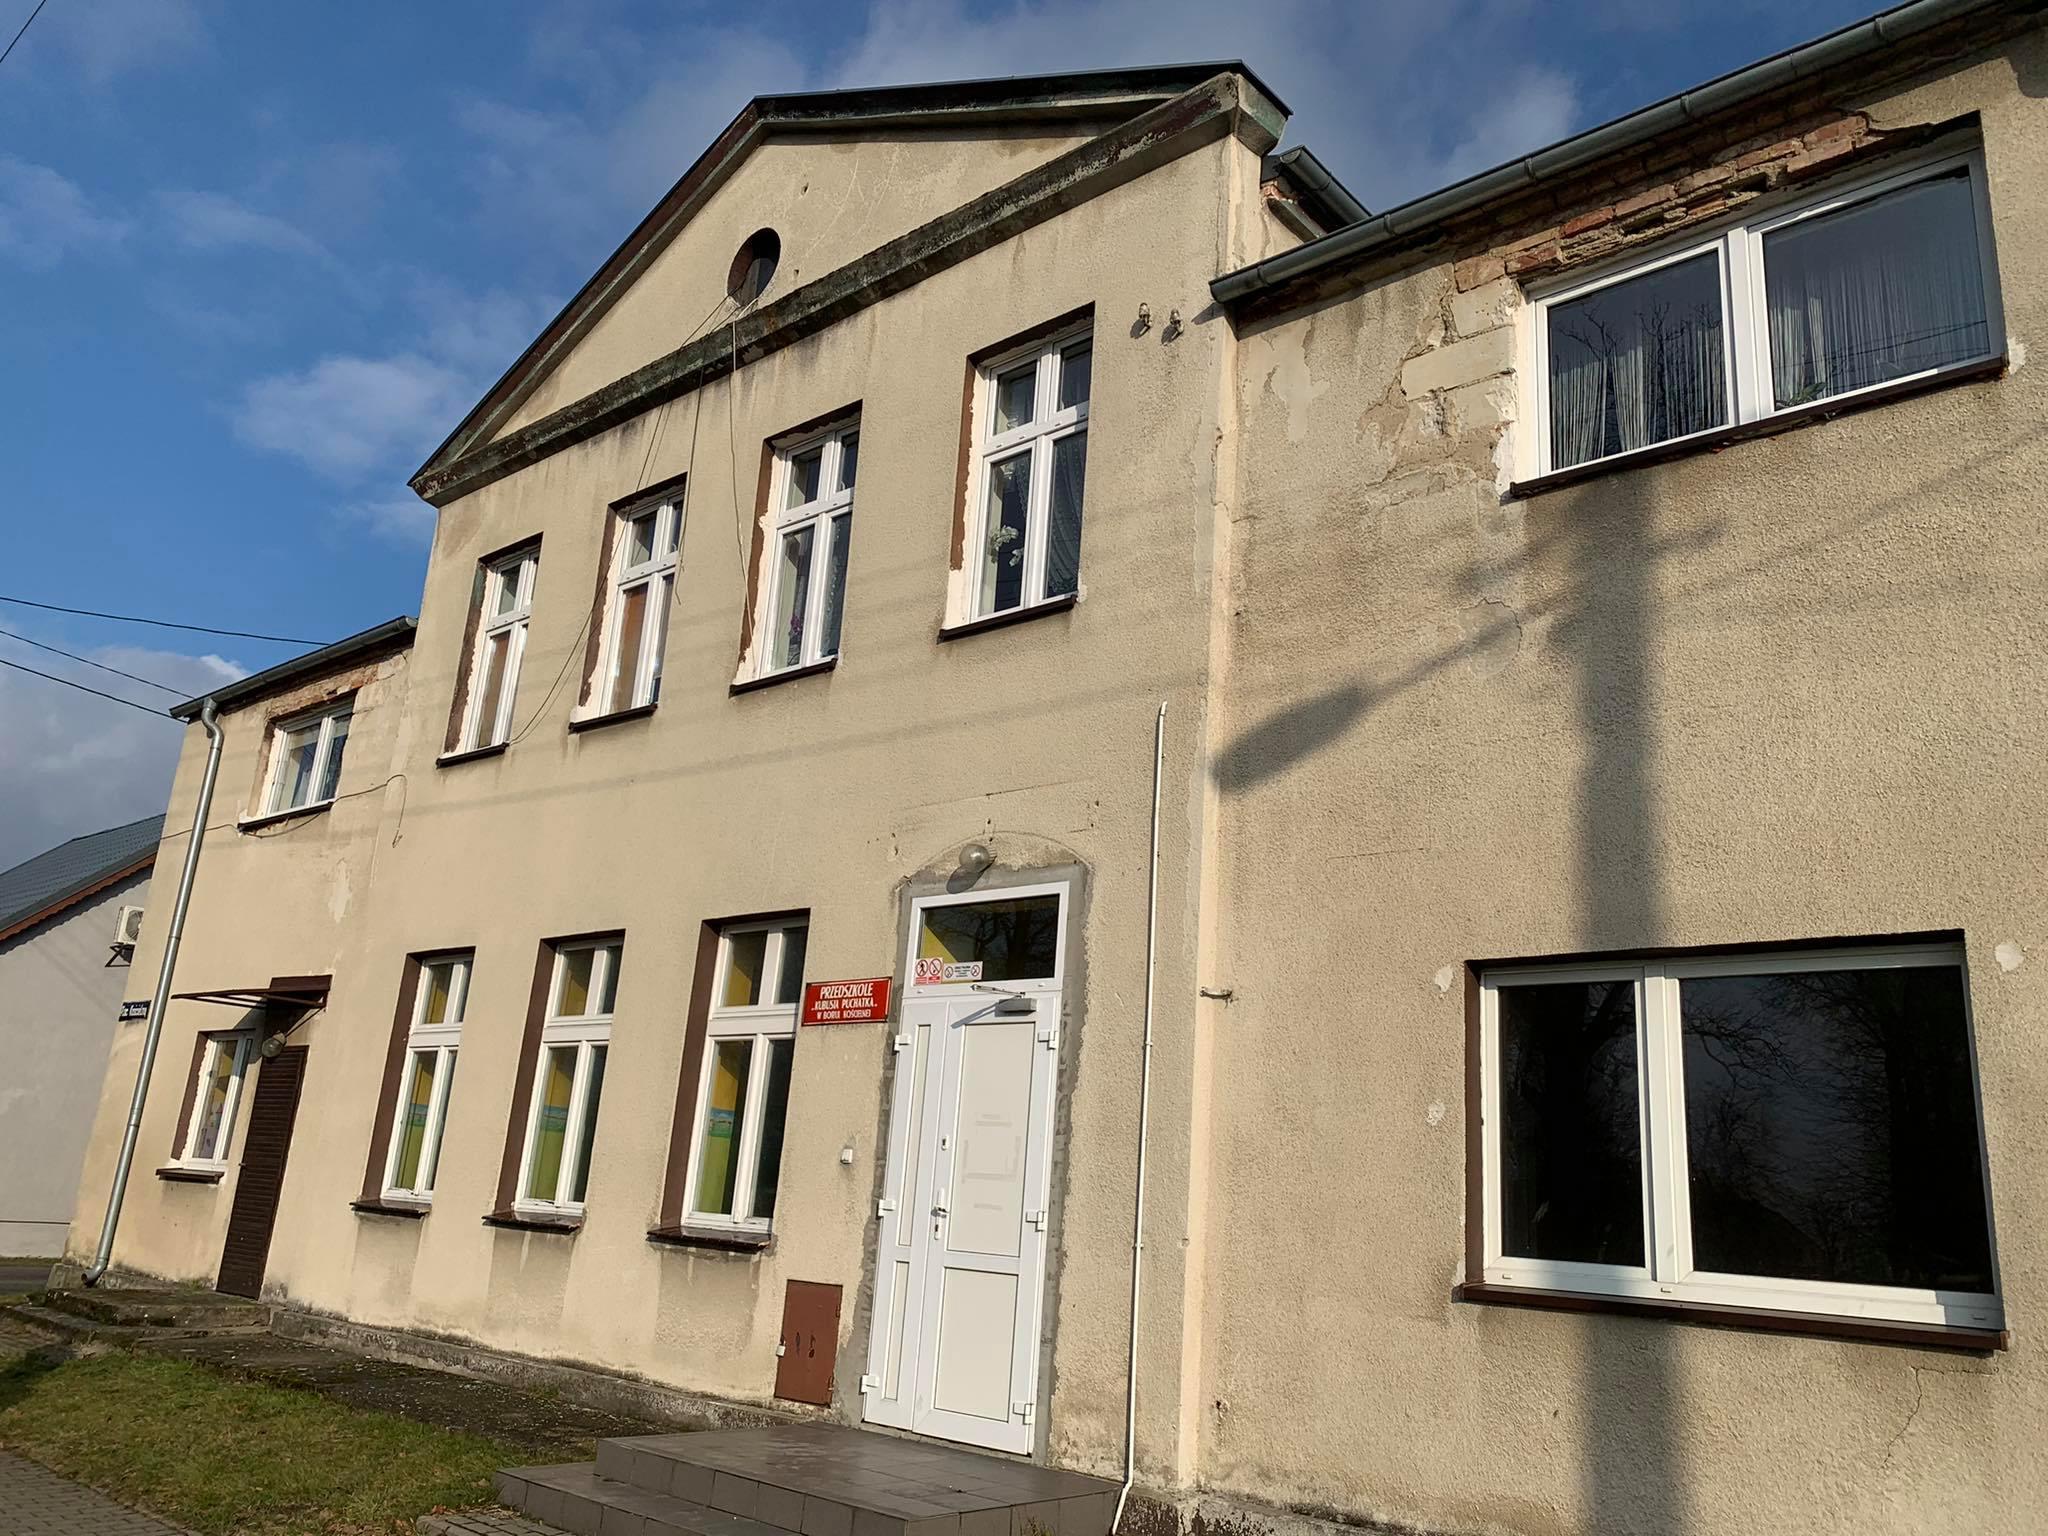 przedszkole kubuś boruja kościelna dom dla repatriantów  - Kacper Witt